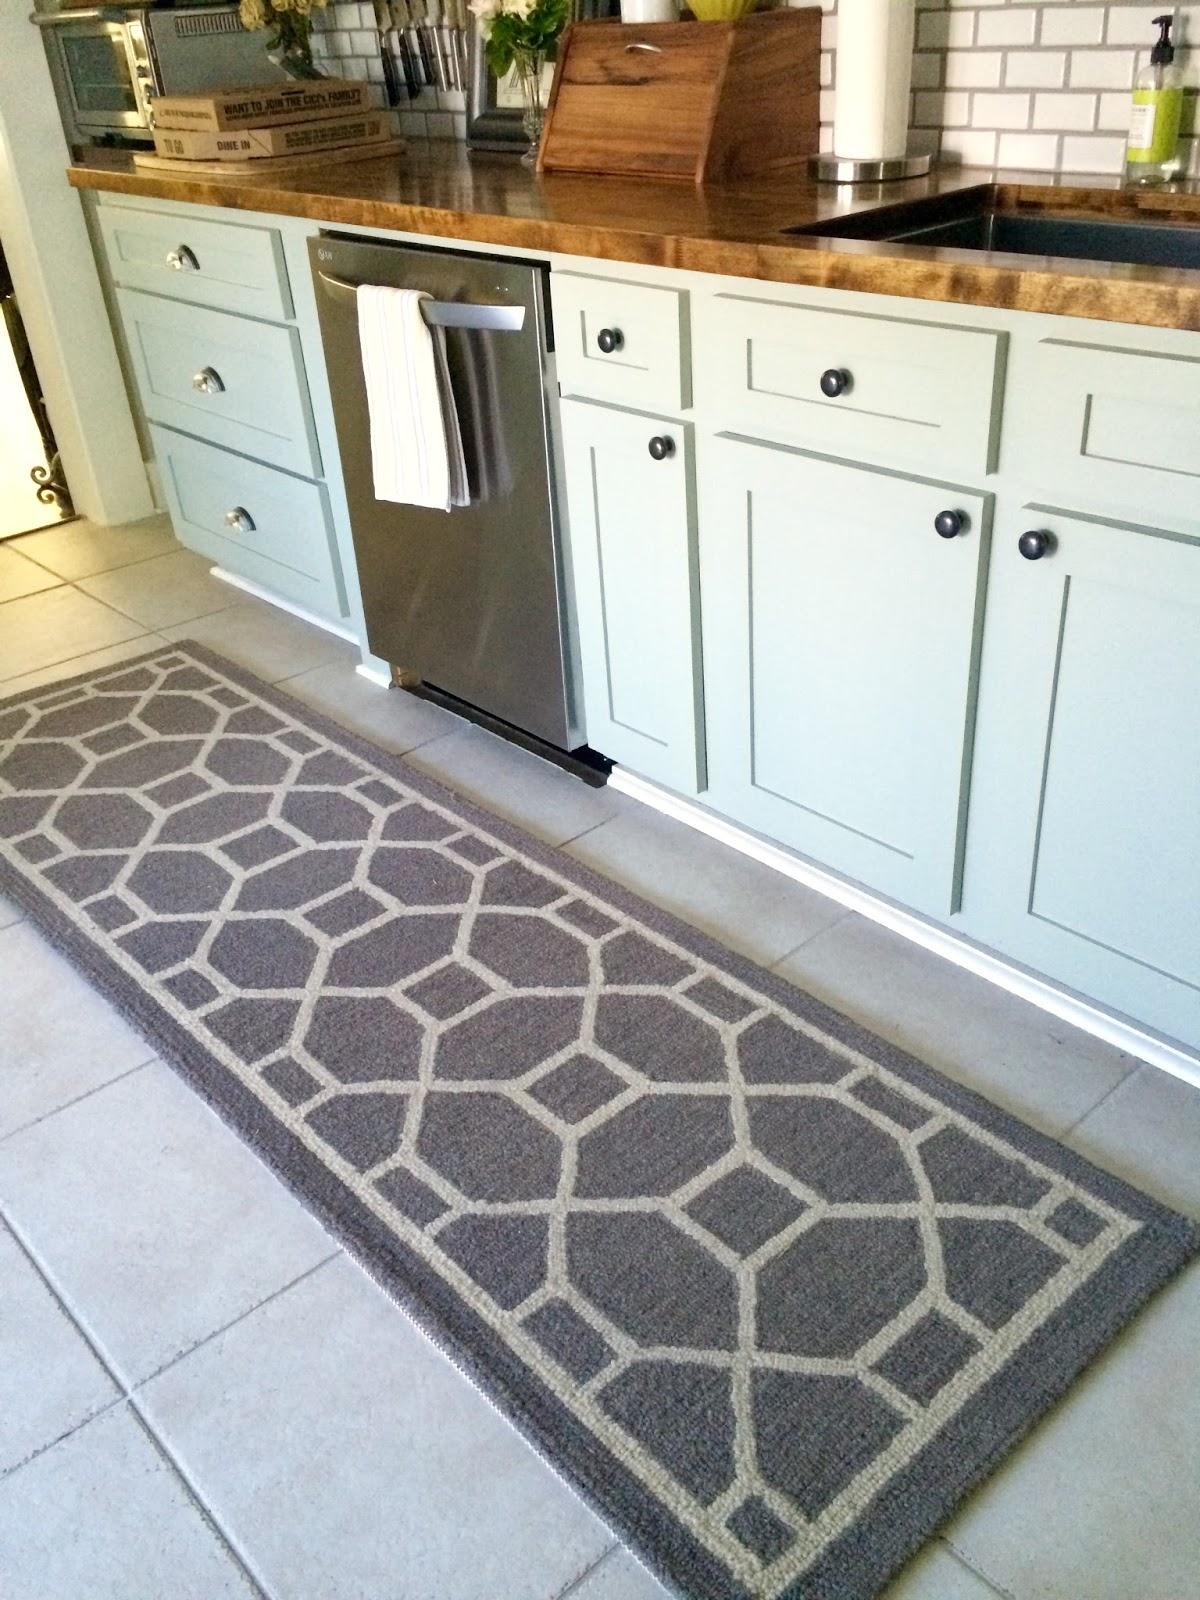 Cover Over Tile Backsplash In My Kitchen